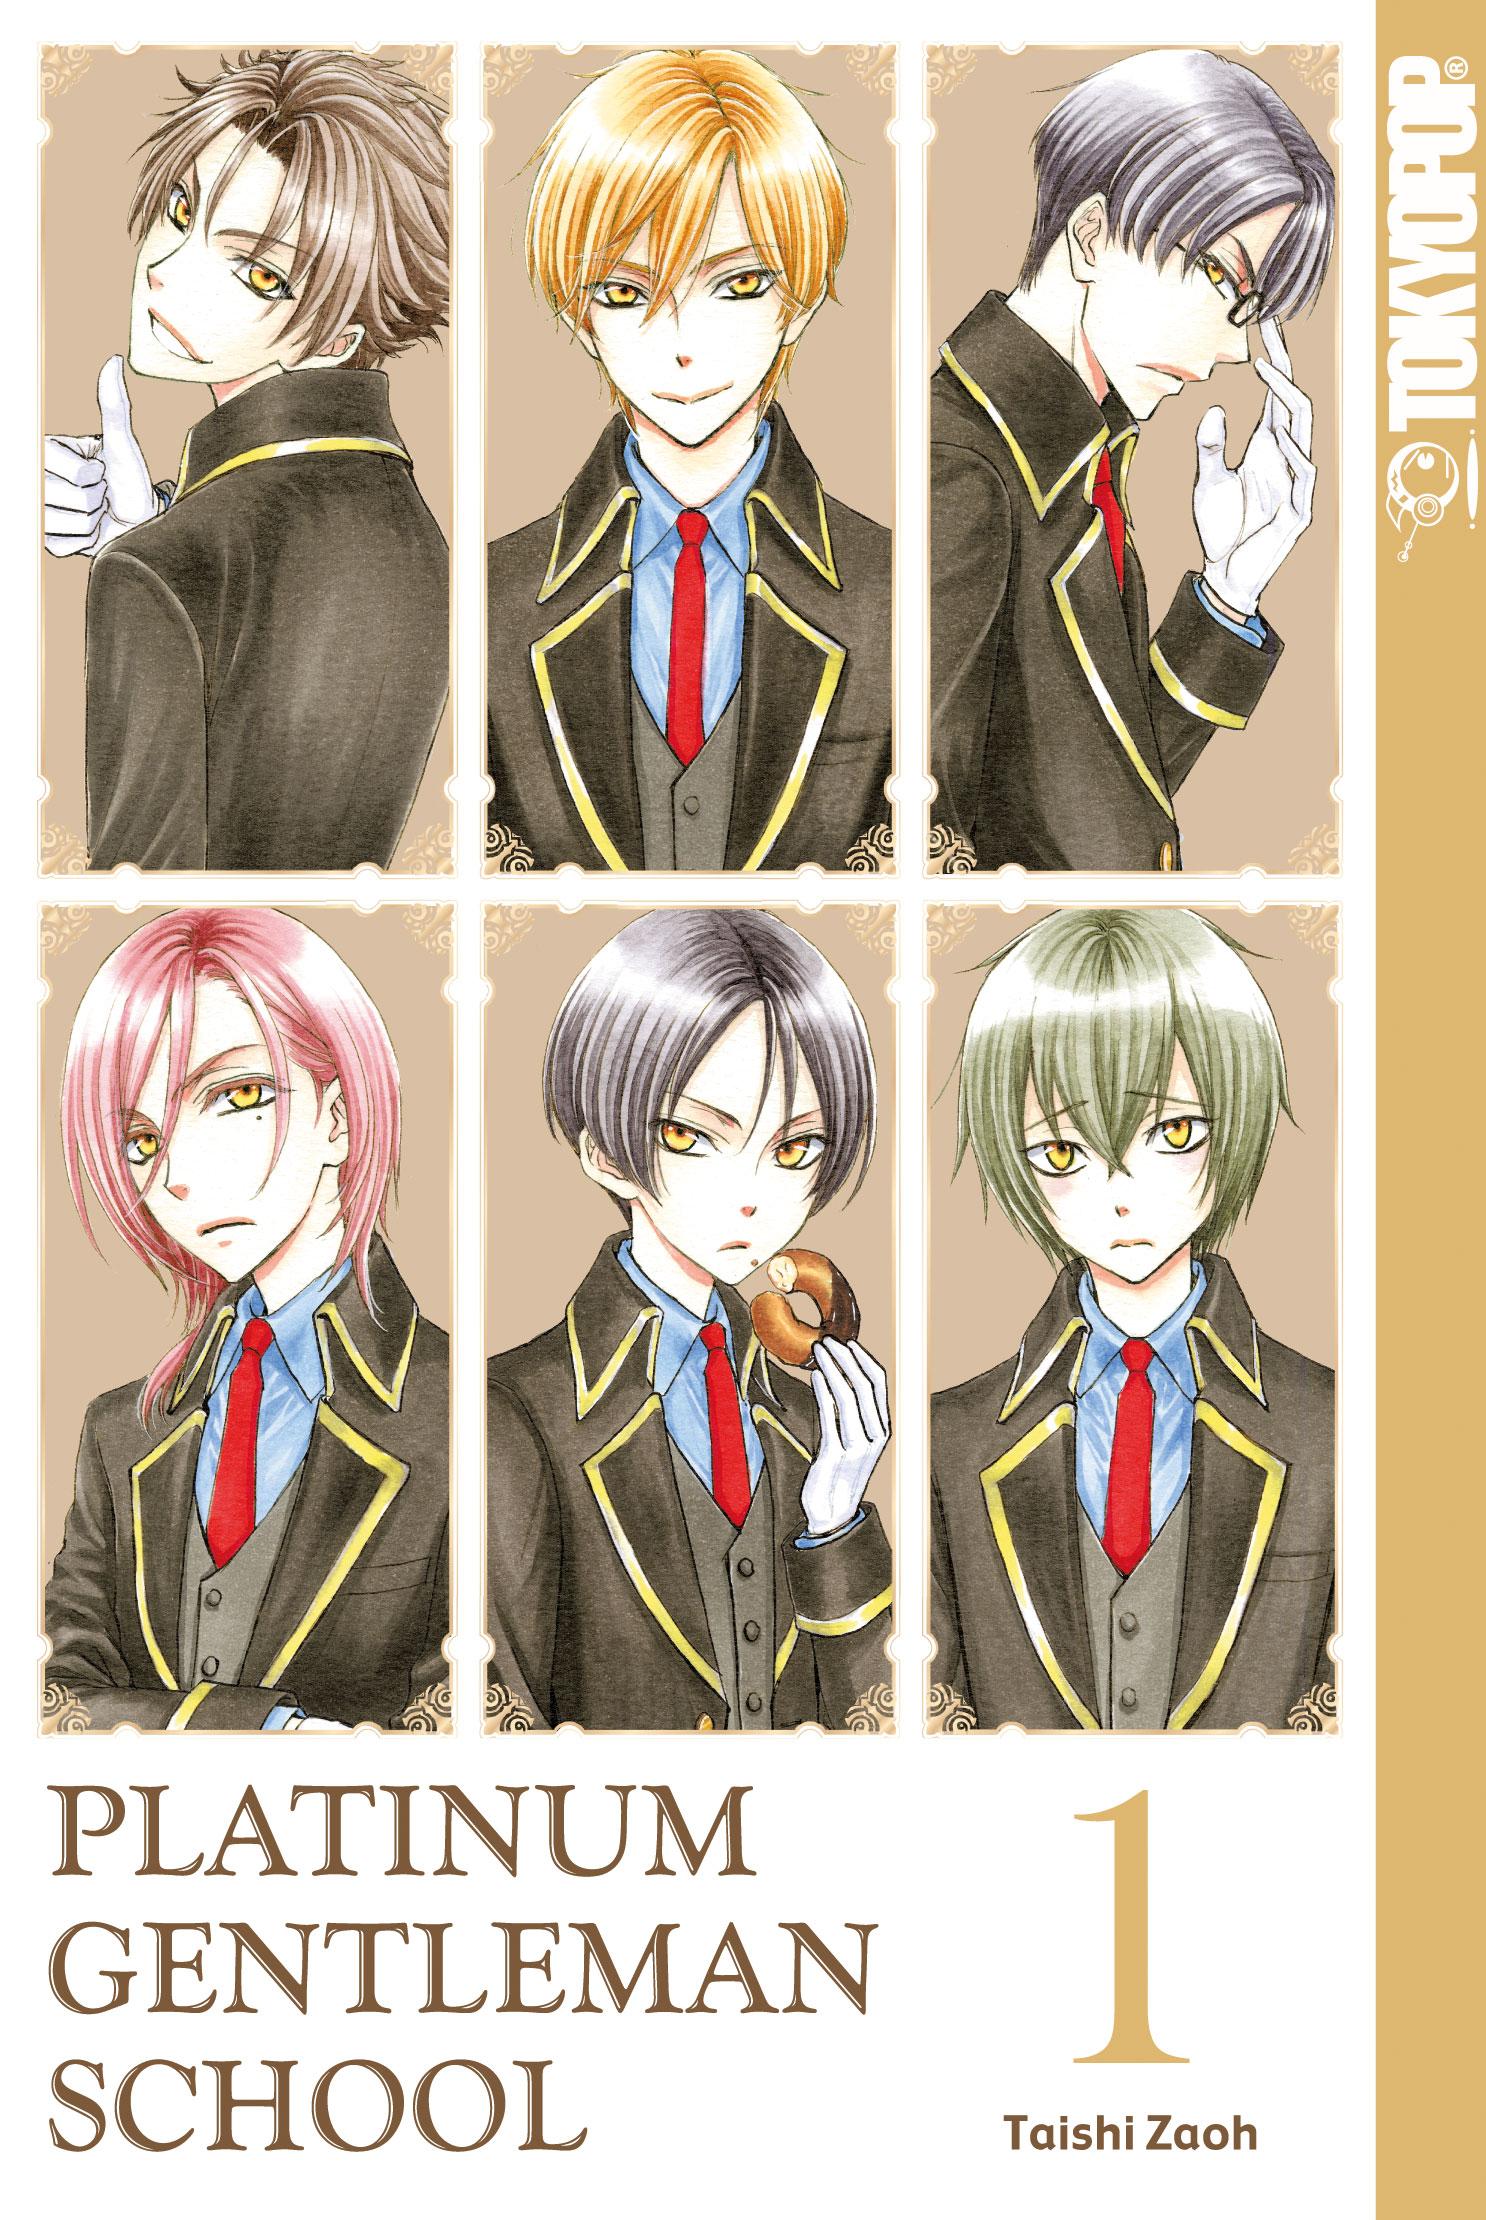 Platinum Gentleman School